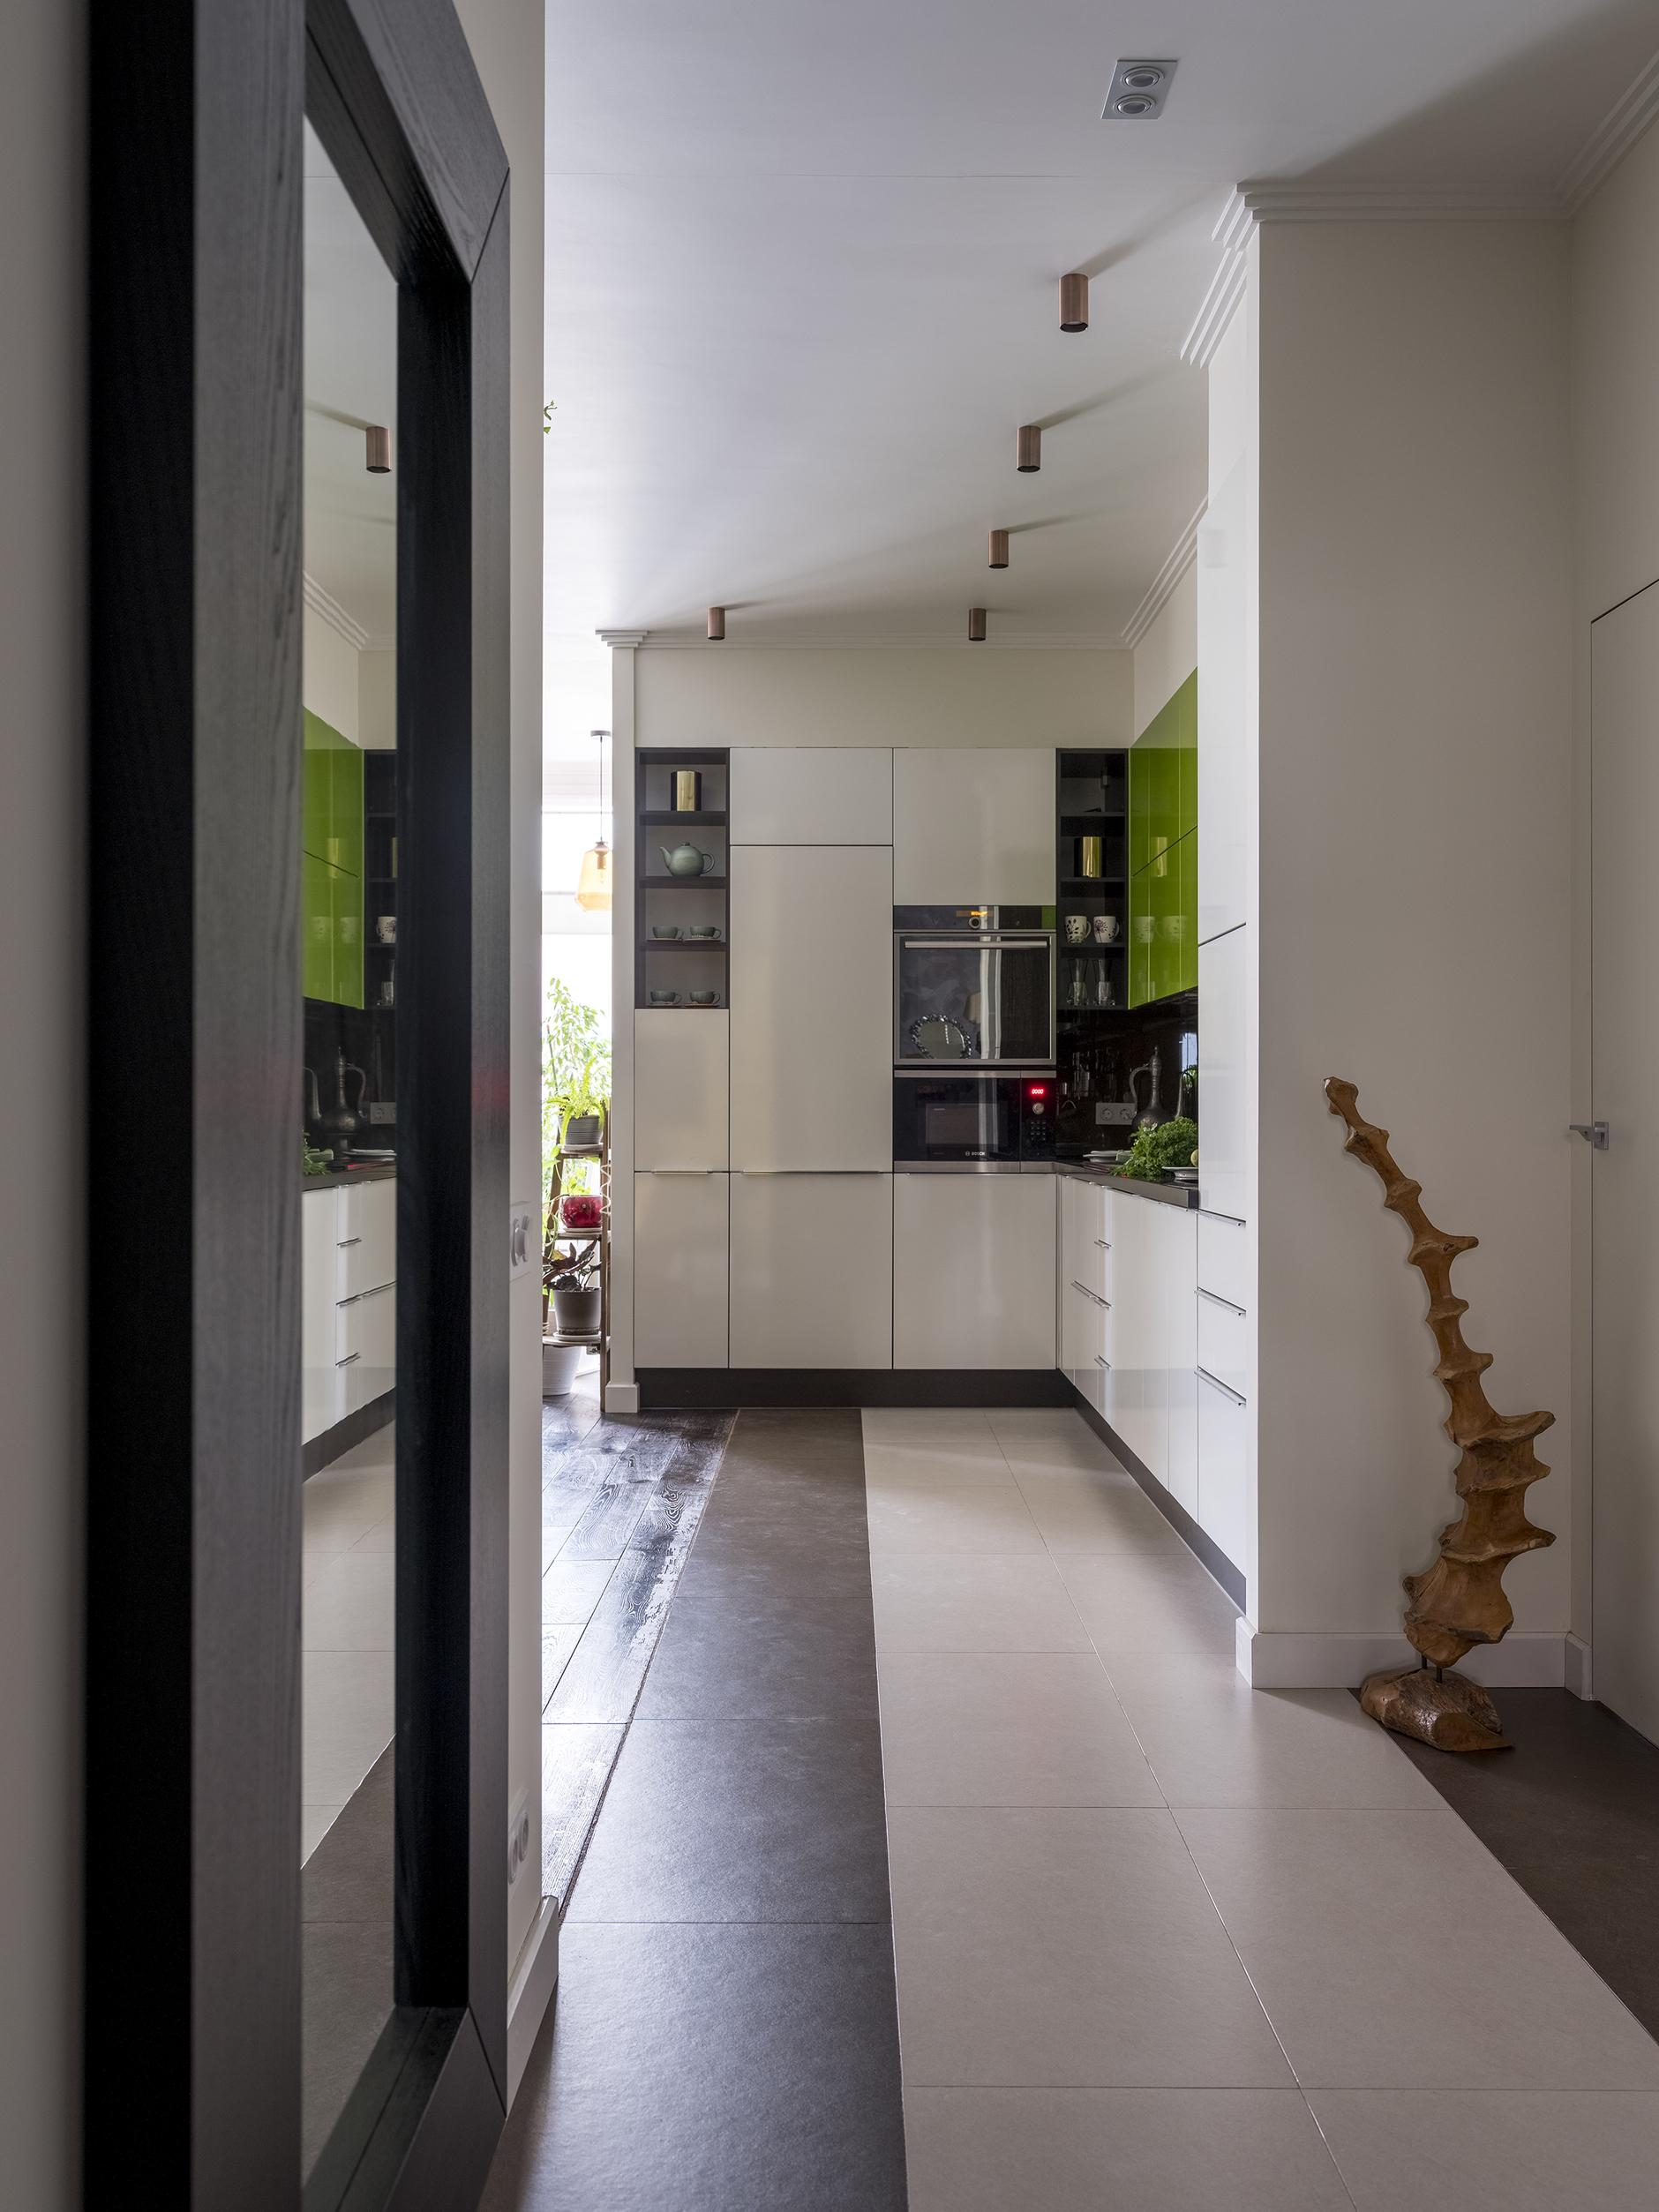 Утопая в зелени: Фото-пример цветущей квартиры в Заречье